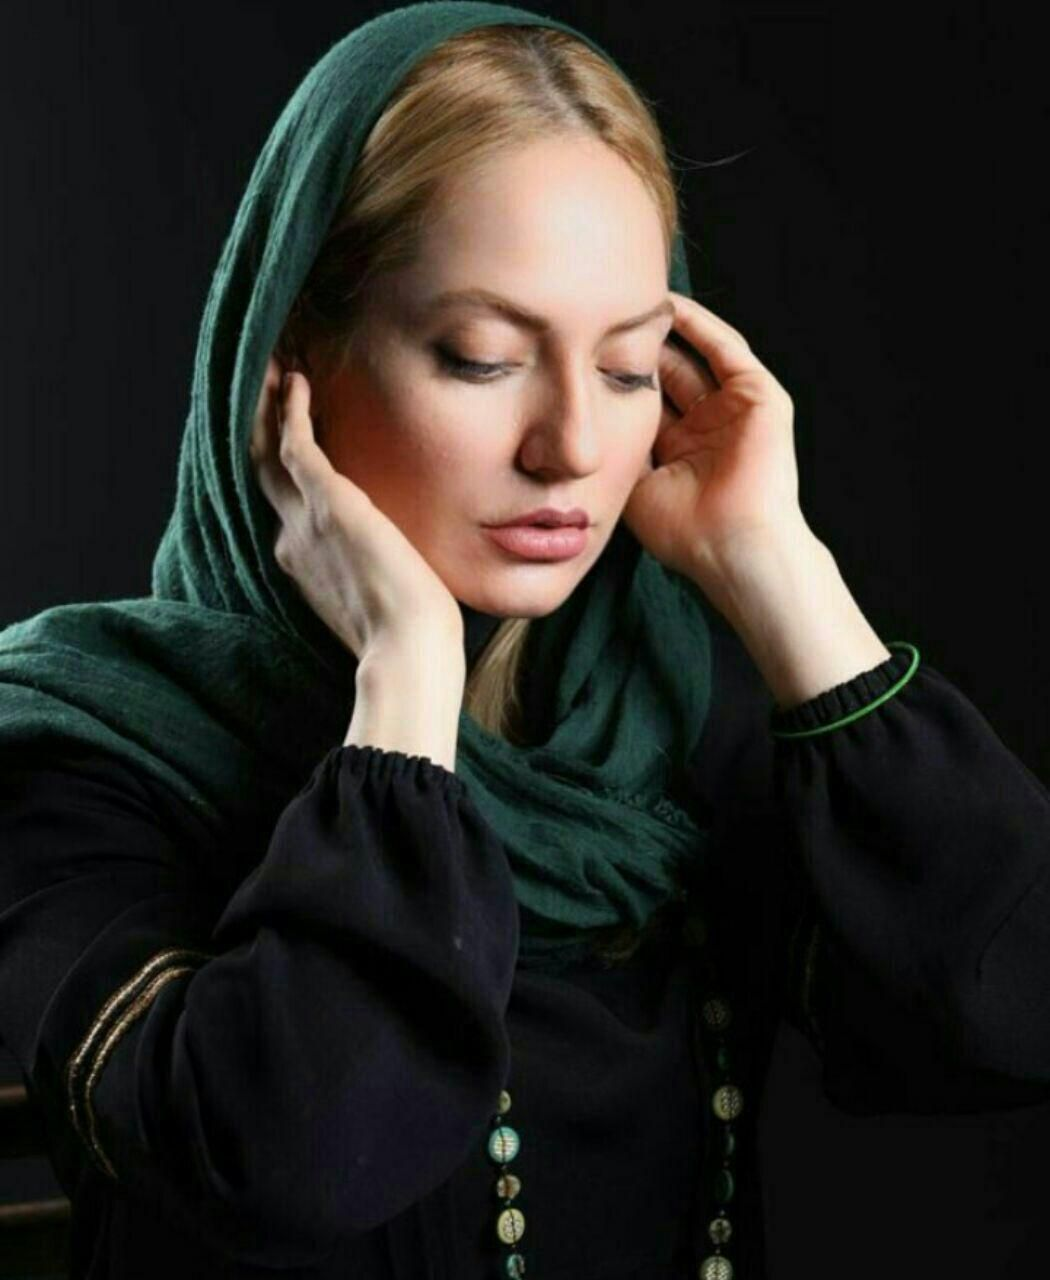 Mahnaz Afshar Nude Photos 68